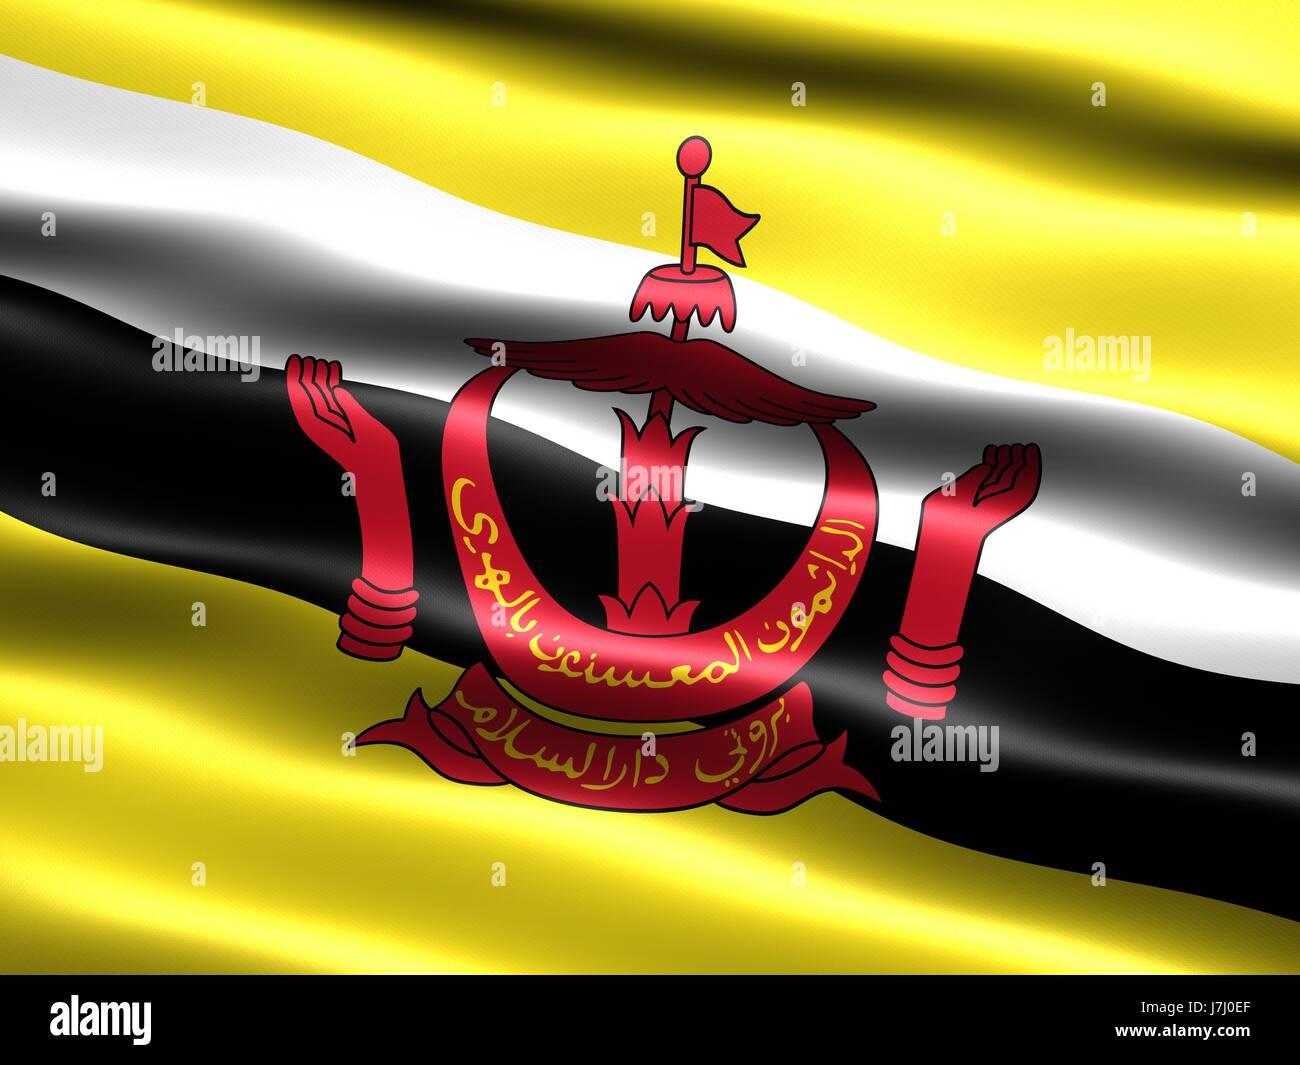 Bandiera banner paese nazione pittogramma pittogramma simbolo commercio vento Immagini Stock